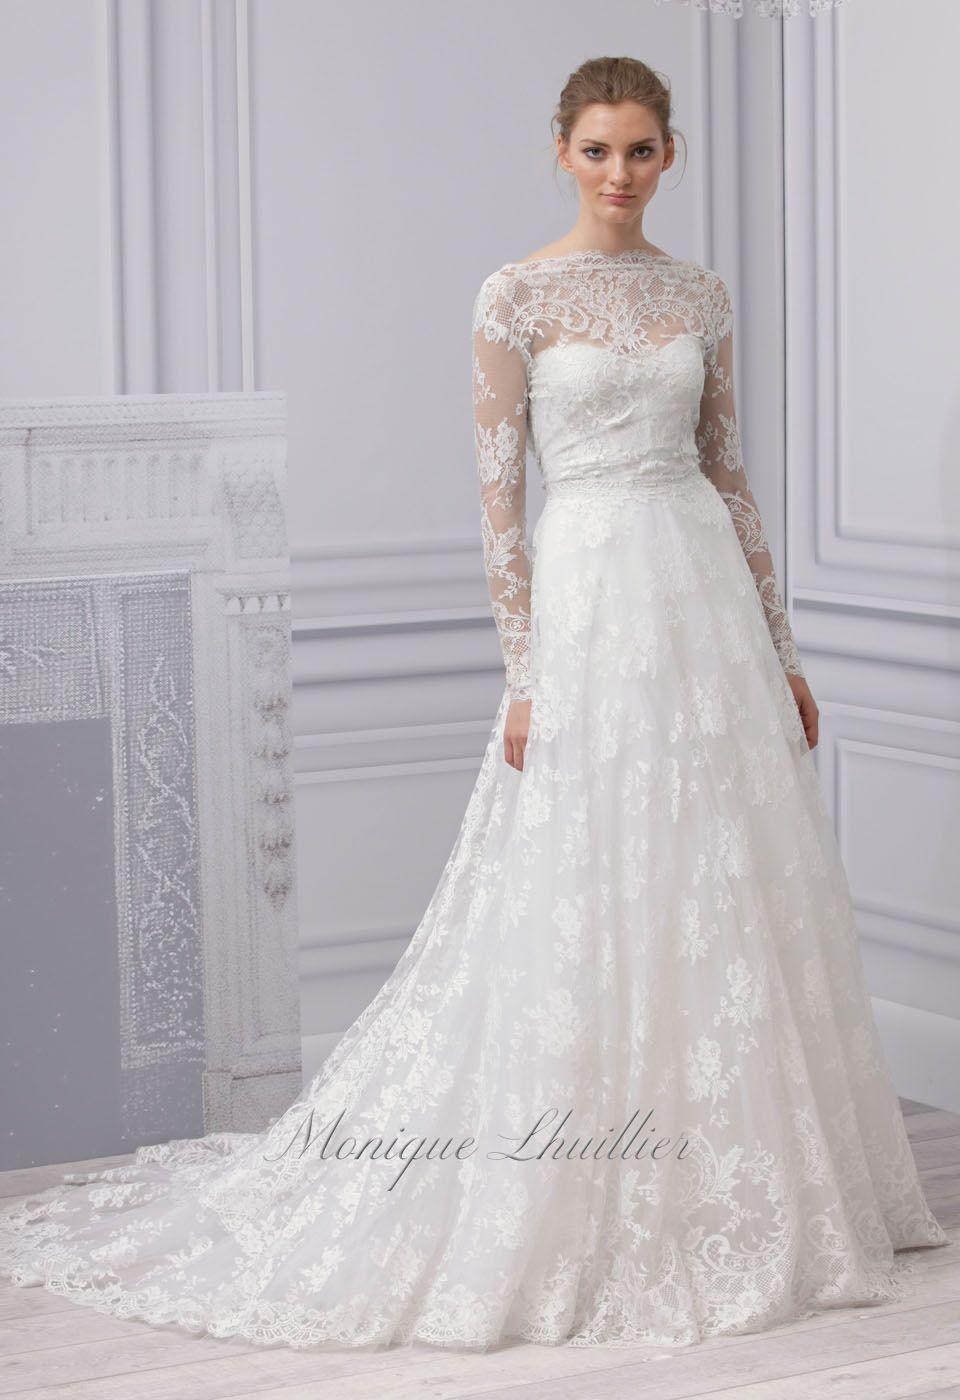 Monique Lhuillier Lace Wedding Dress With Sleeves Wedding Dress Long Sleeve Wedding Dresses Lace